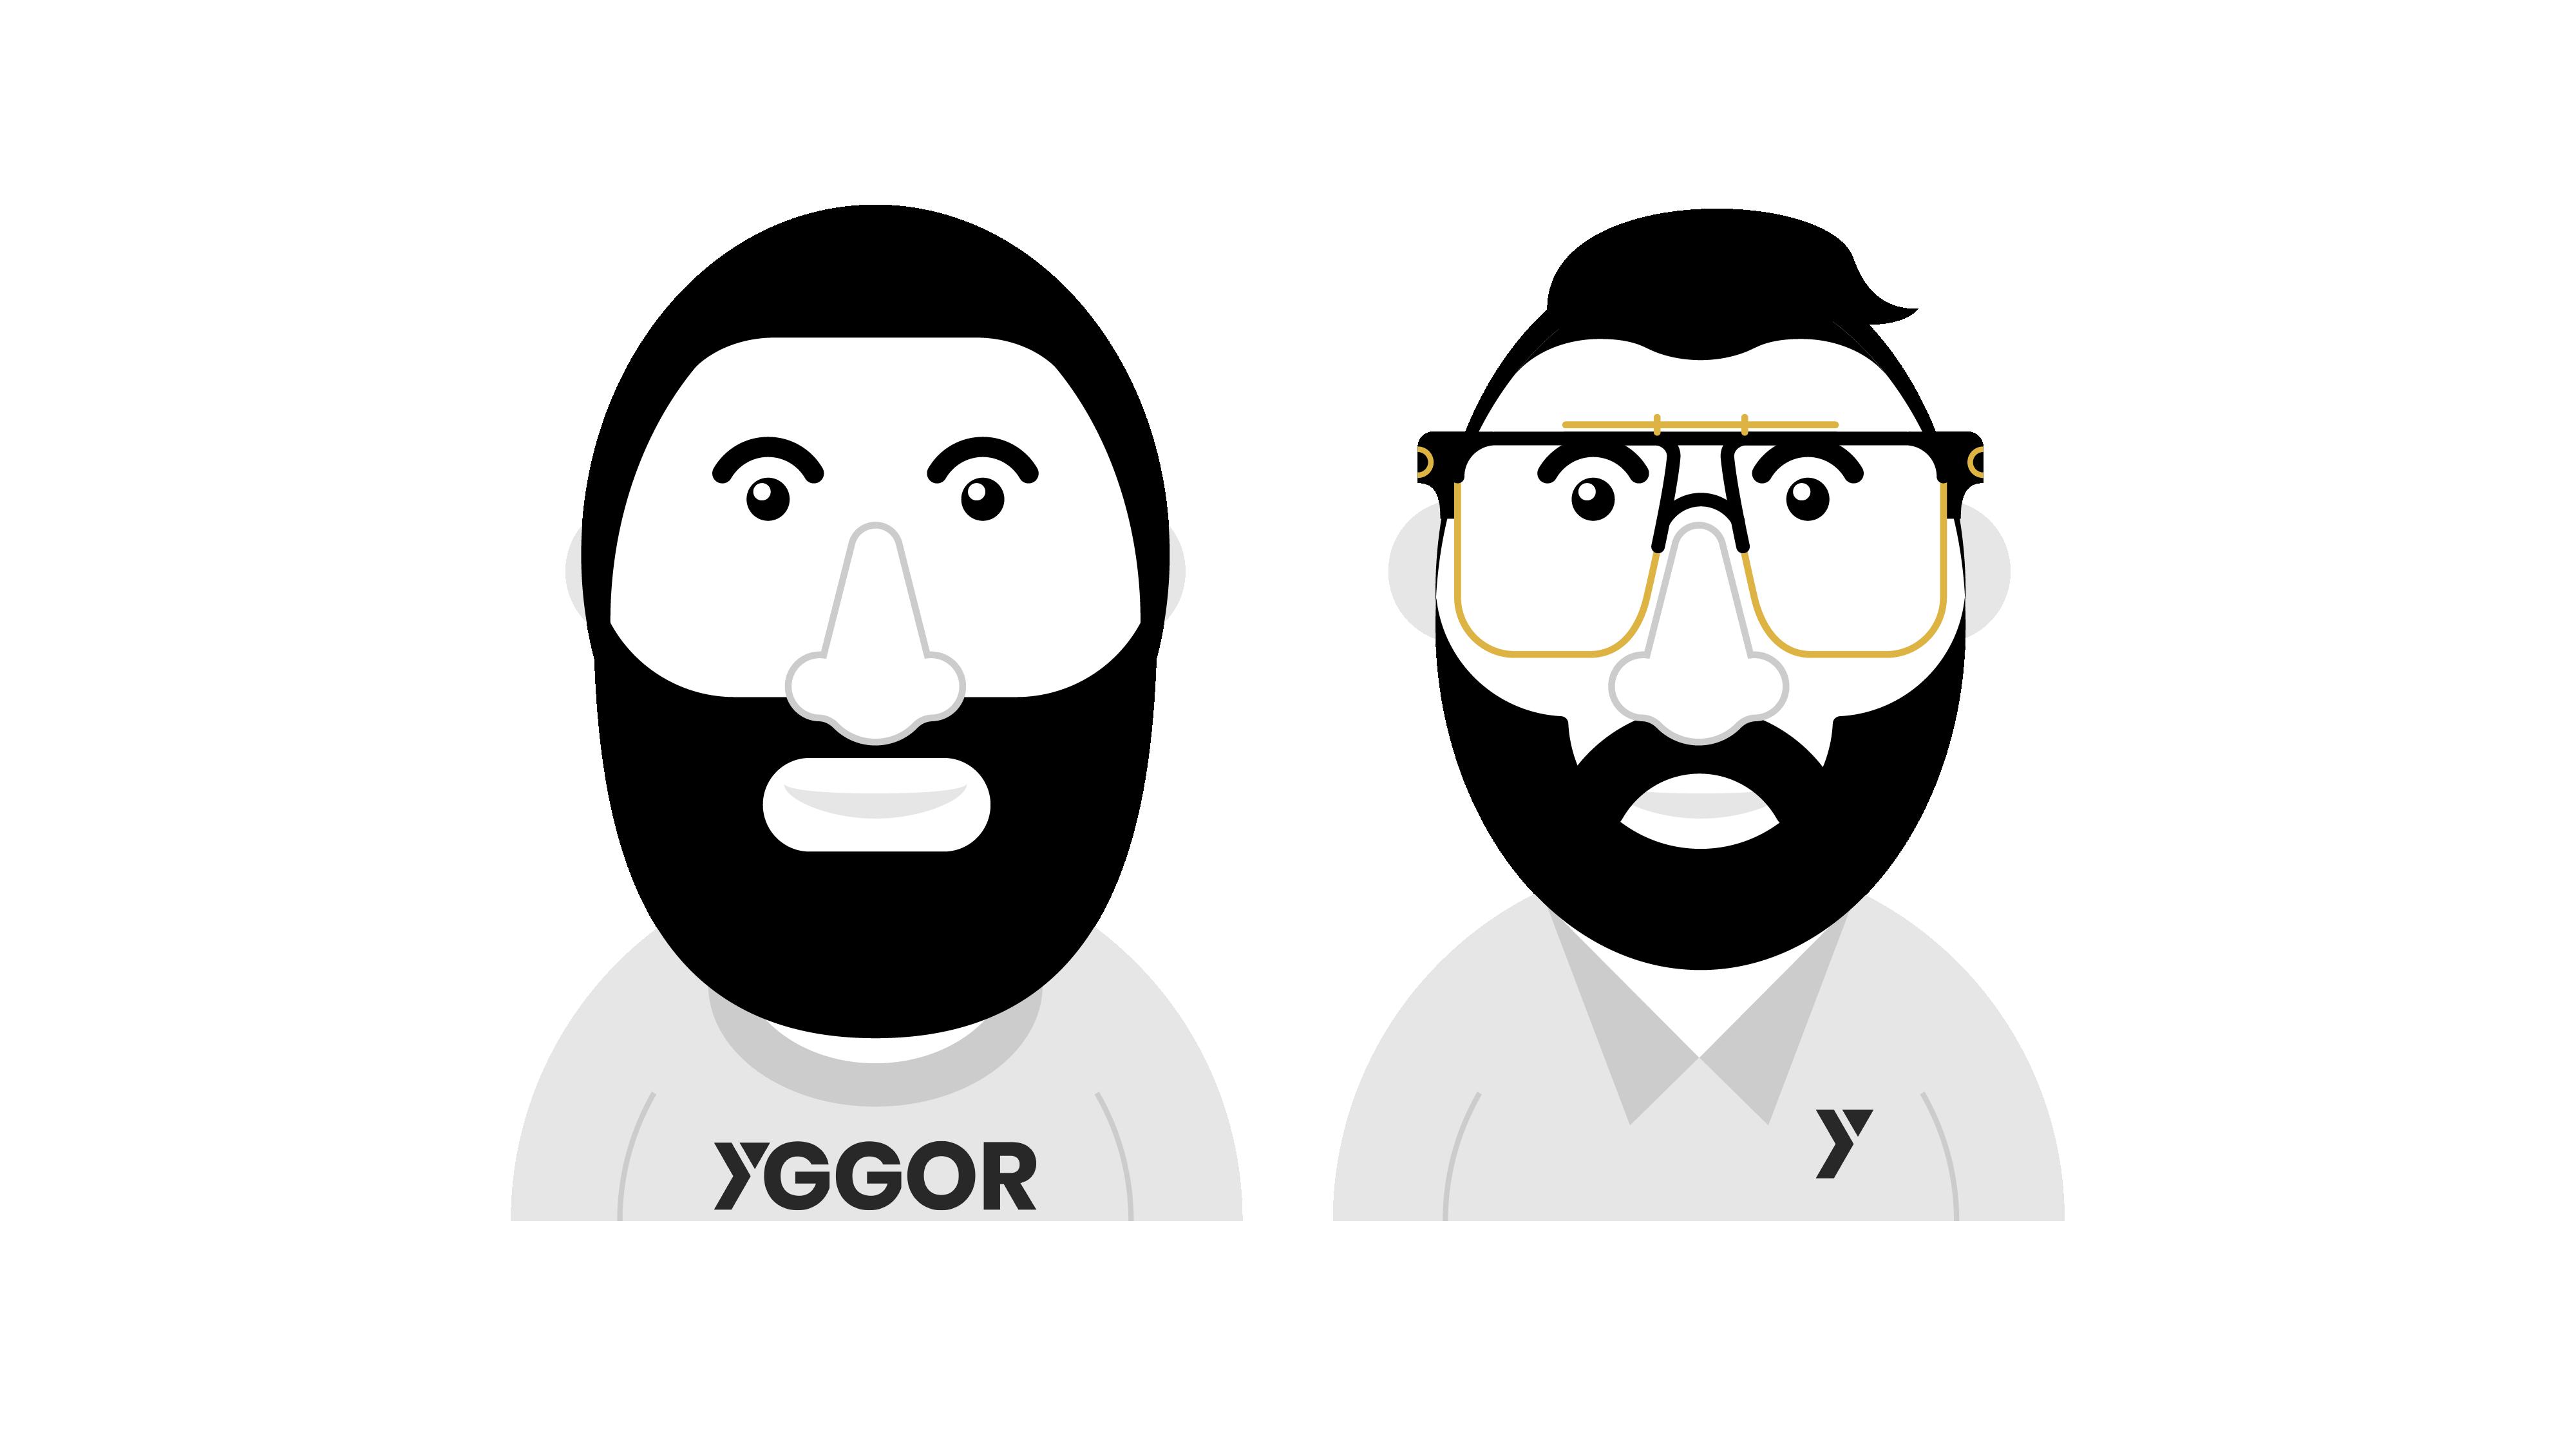 L'équipe Yggor